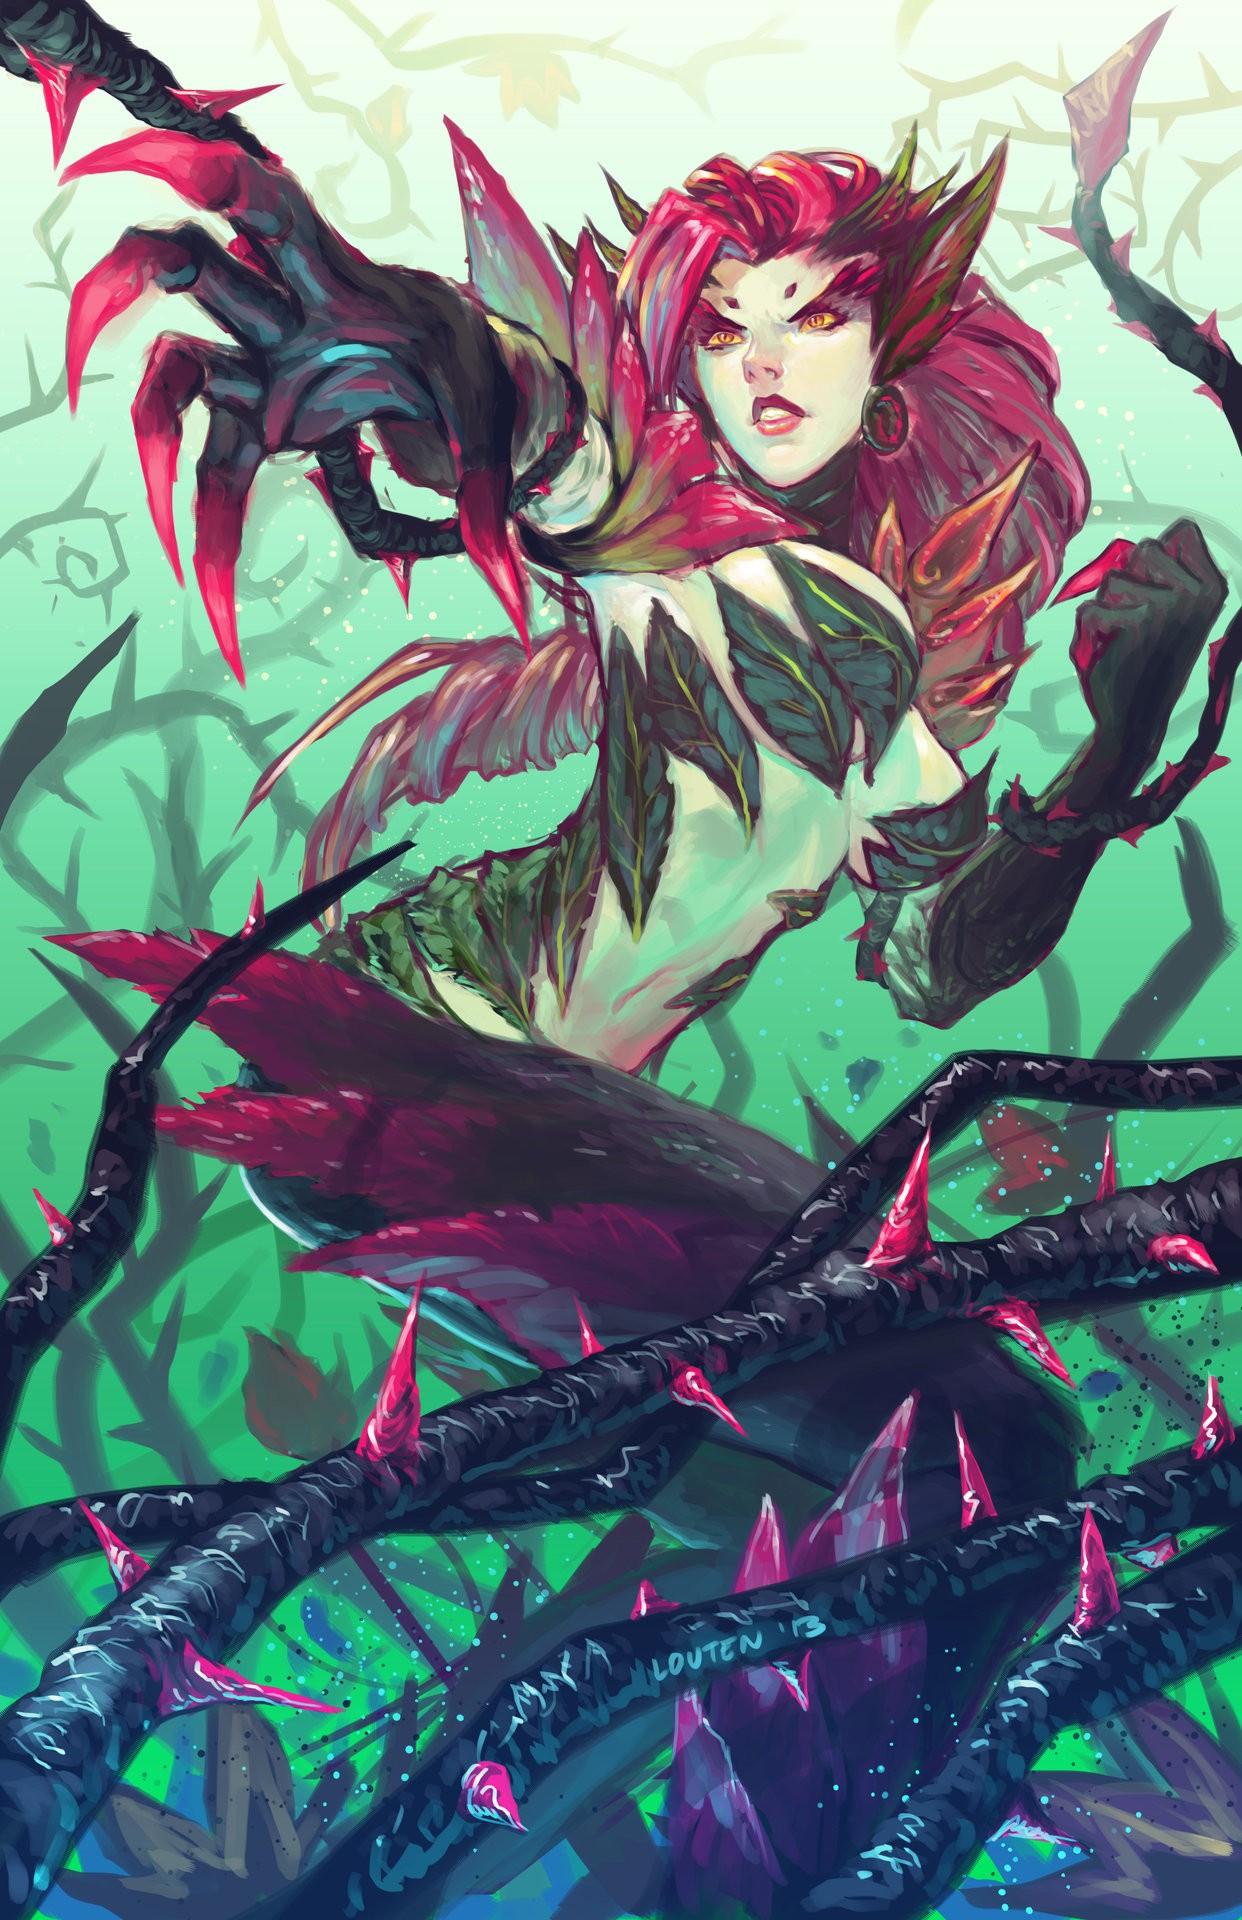 hình minh họa Anime liên minh Huyền Thoại Zyra hoa